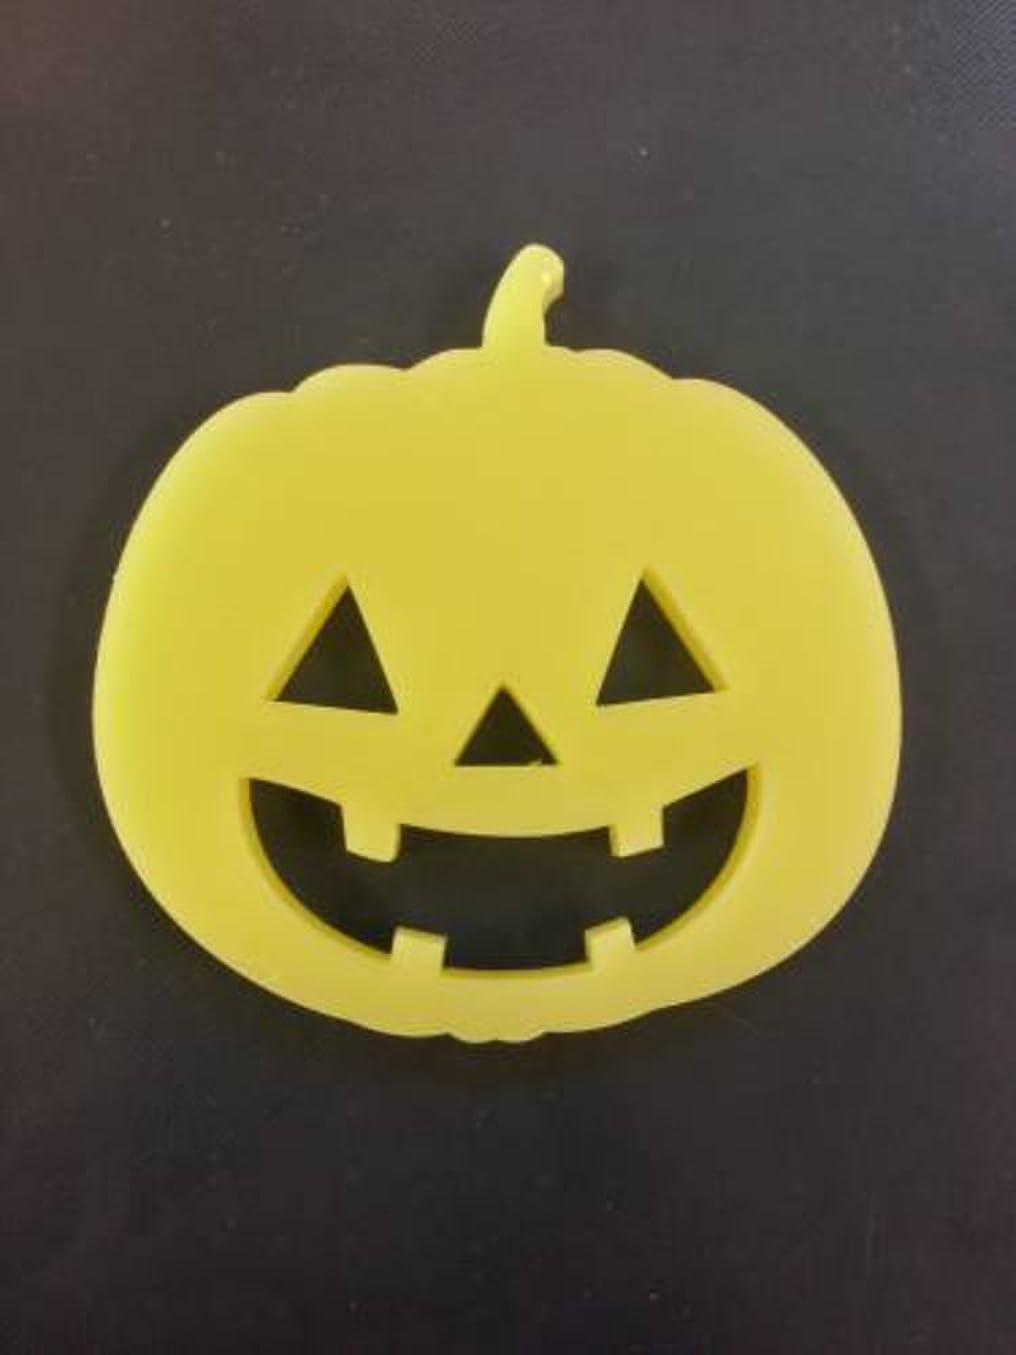 宣言精査冷酷なGRASSE TOKYO AROMATICWAXチャーム「ハロウィンかぼちゃ」(YE) ベルガモット アロマティックワックス グラーストウキョウ